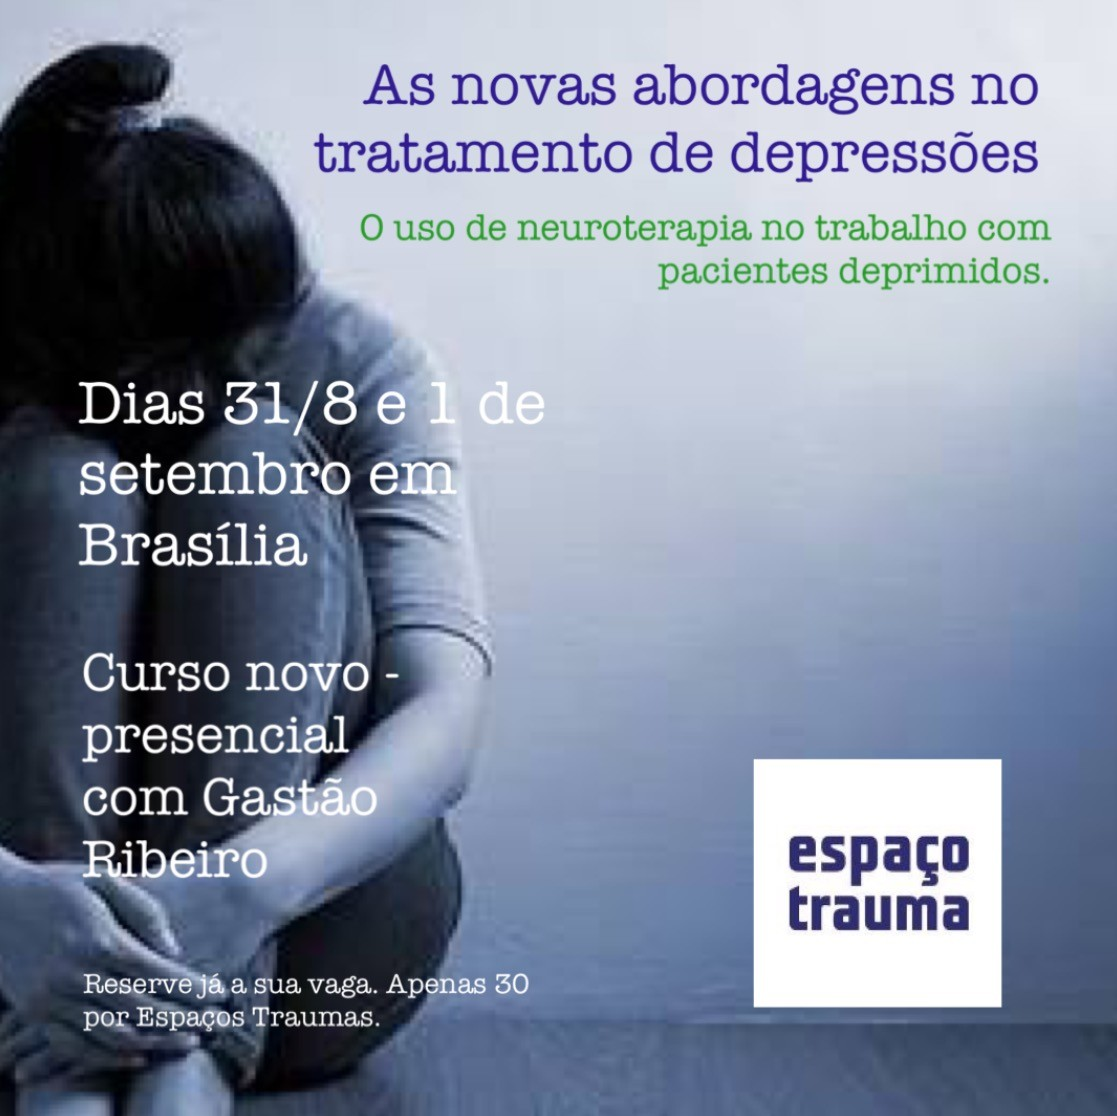 As Novas Abordagens no Tratamento de Depressões em Brasília